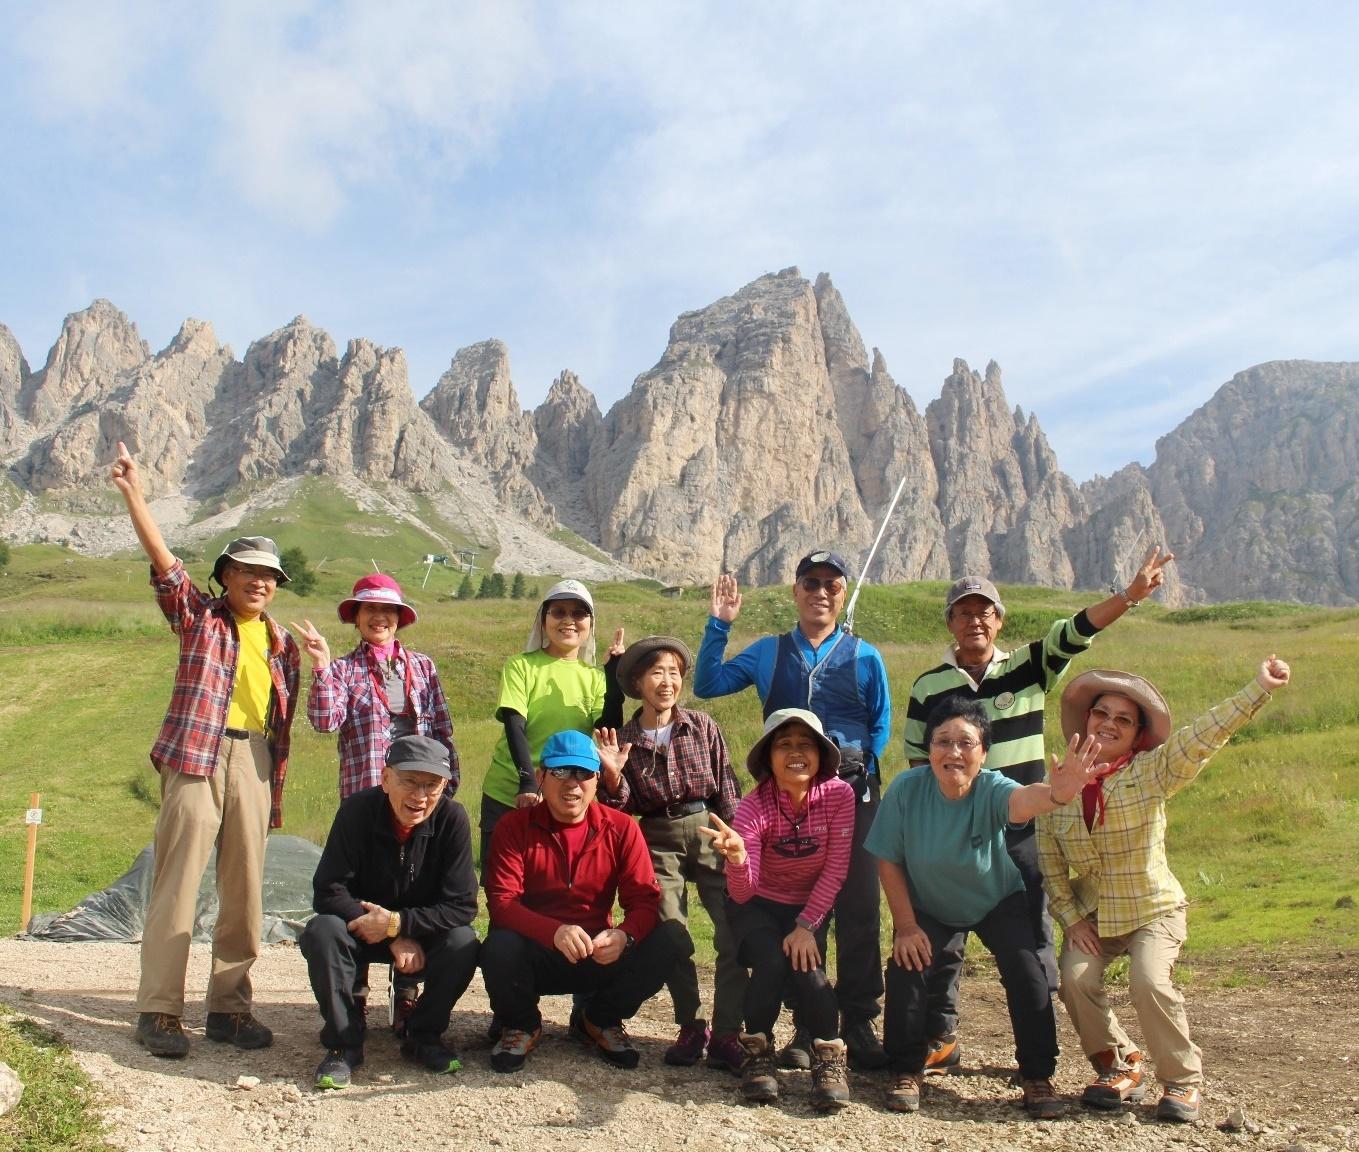 7月18日出発「緑豊かなチロルの美しい村々とドロミテの岩峰展望ハイキング 9日間」